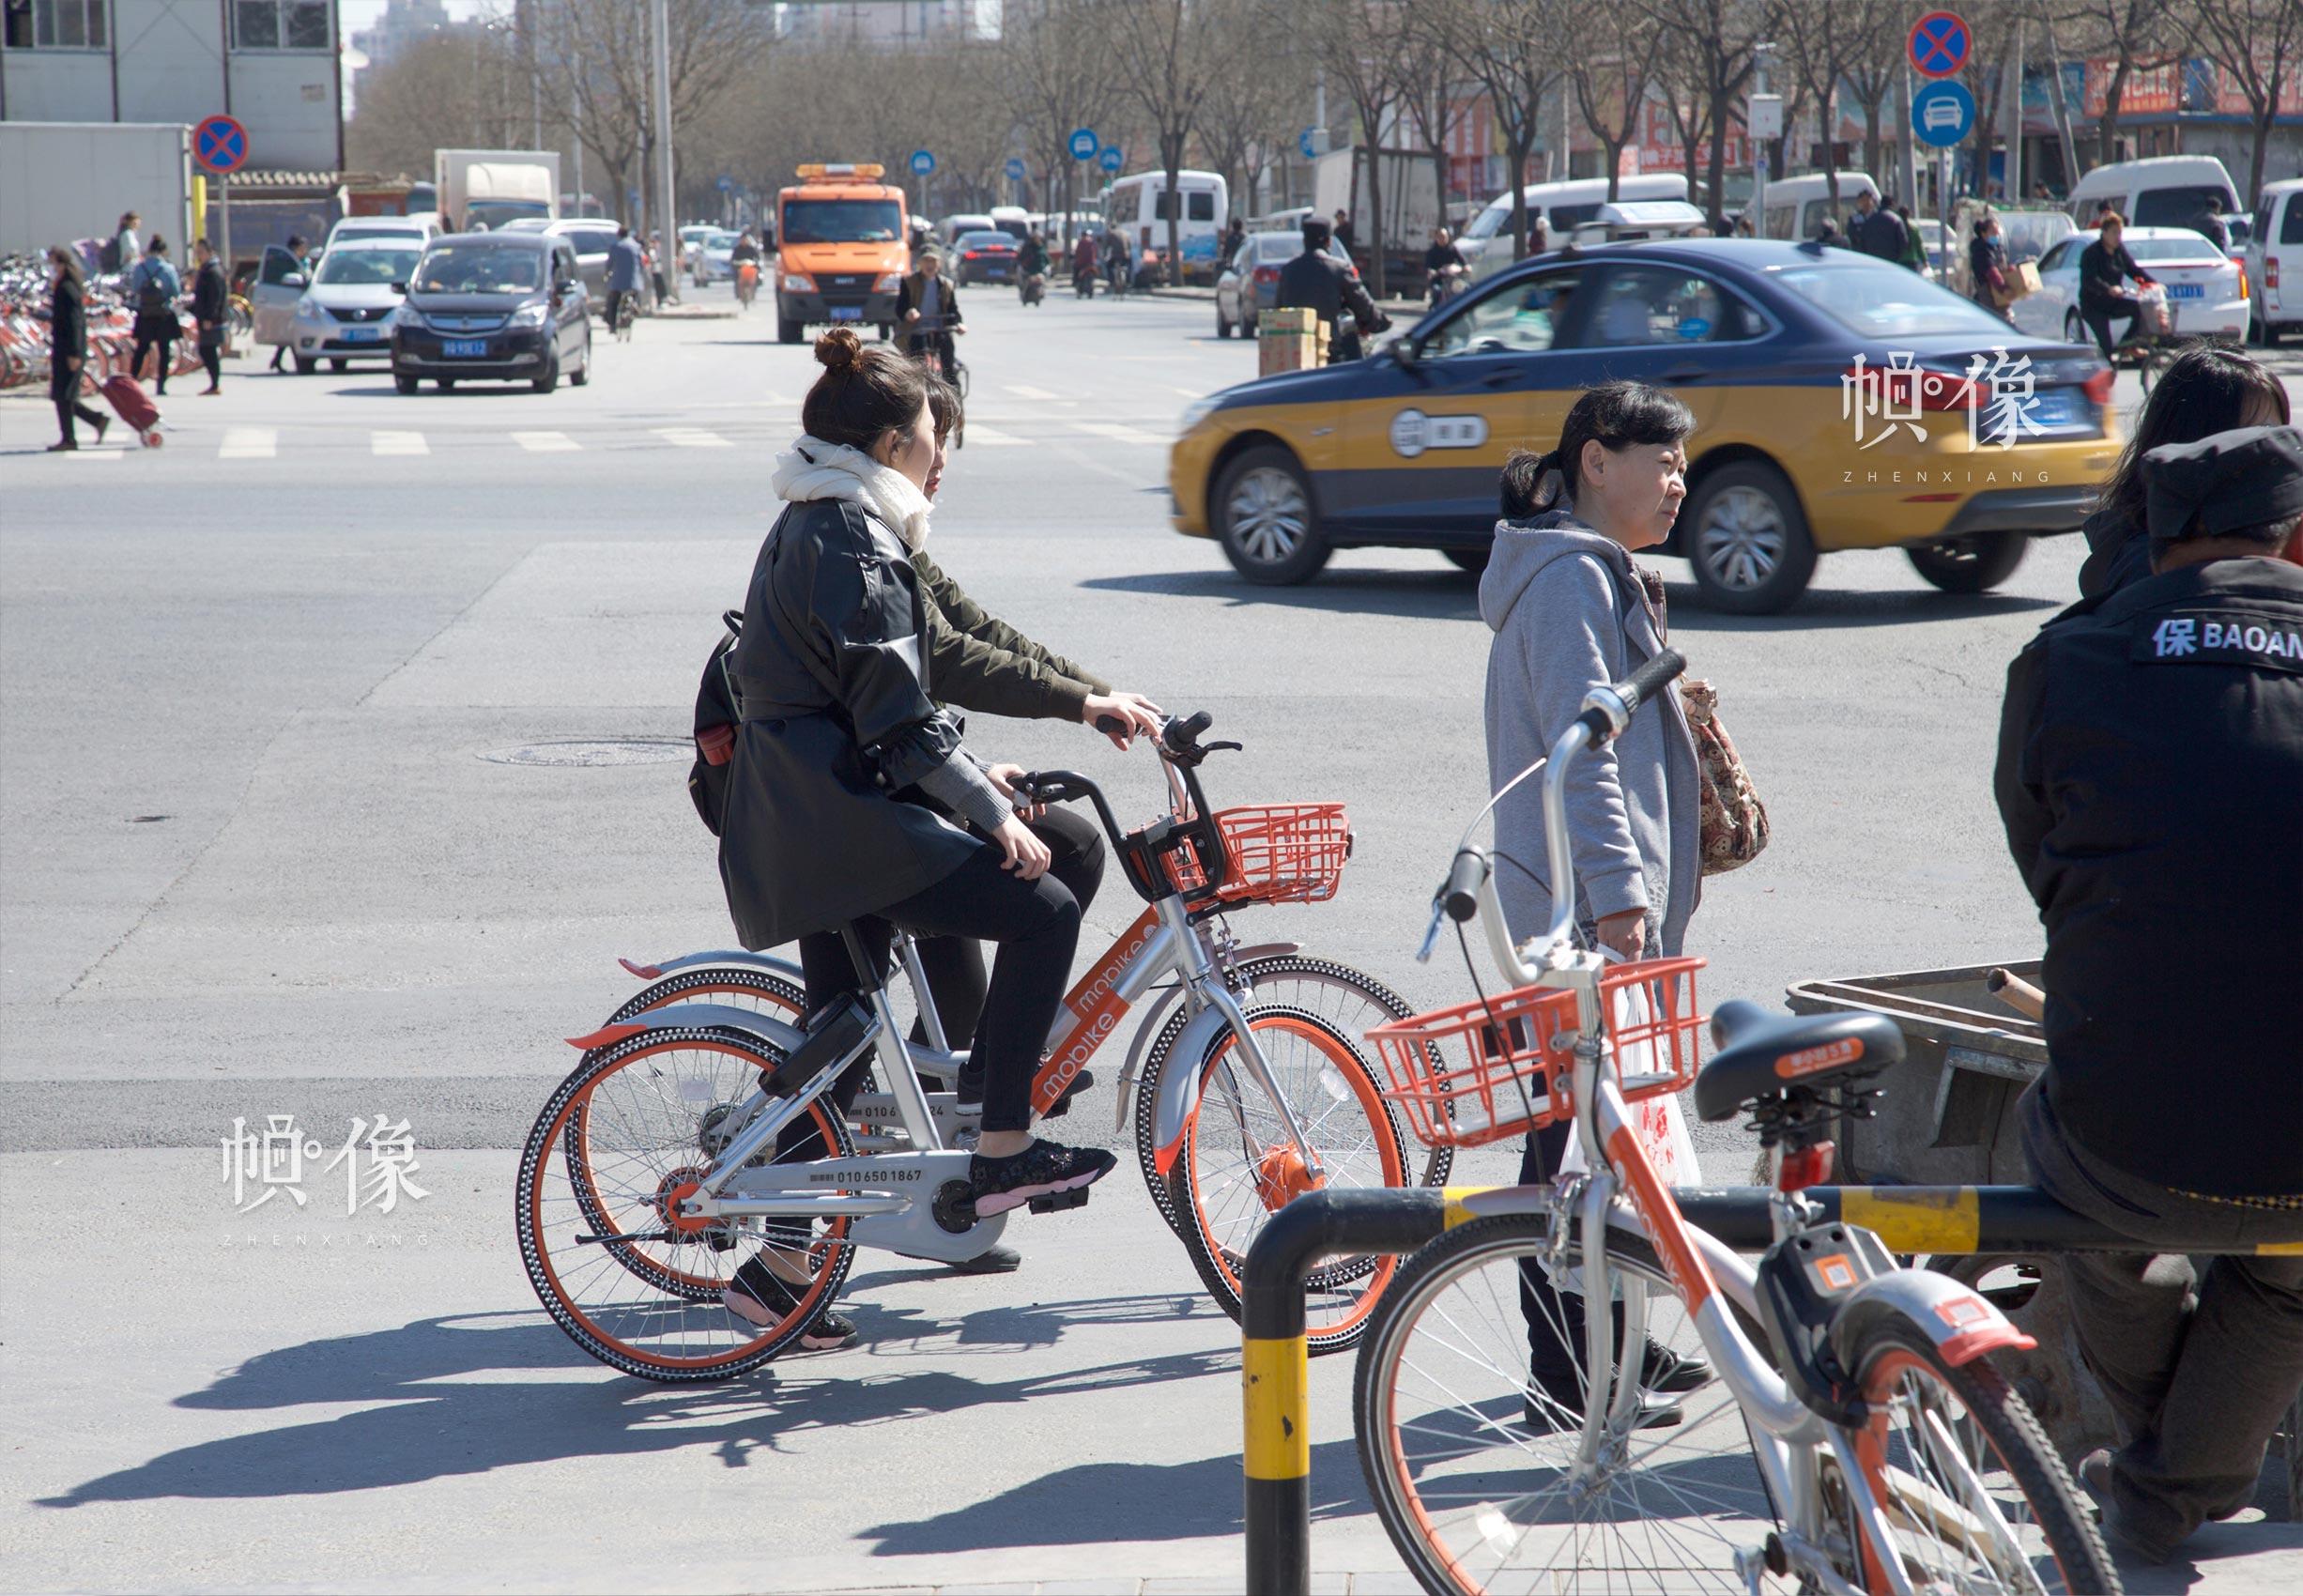 使用共享单车出行的市民。中国网记者 高南 摄